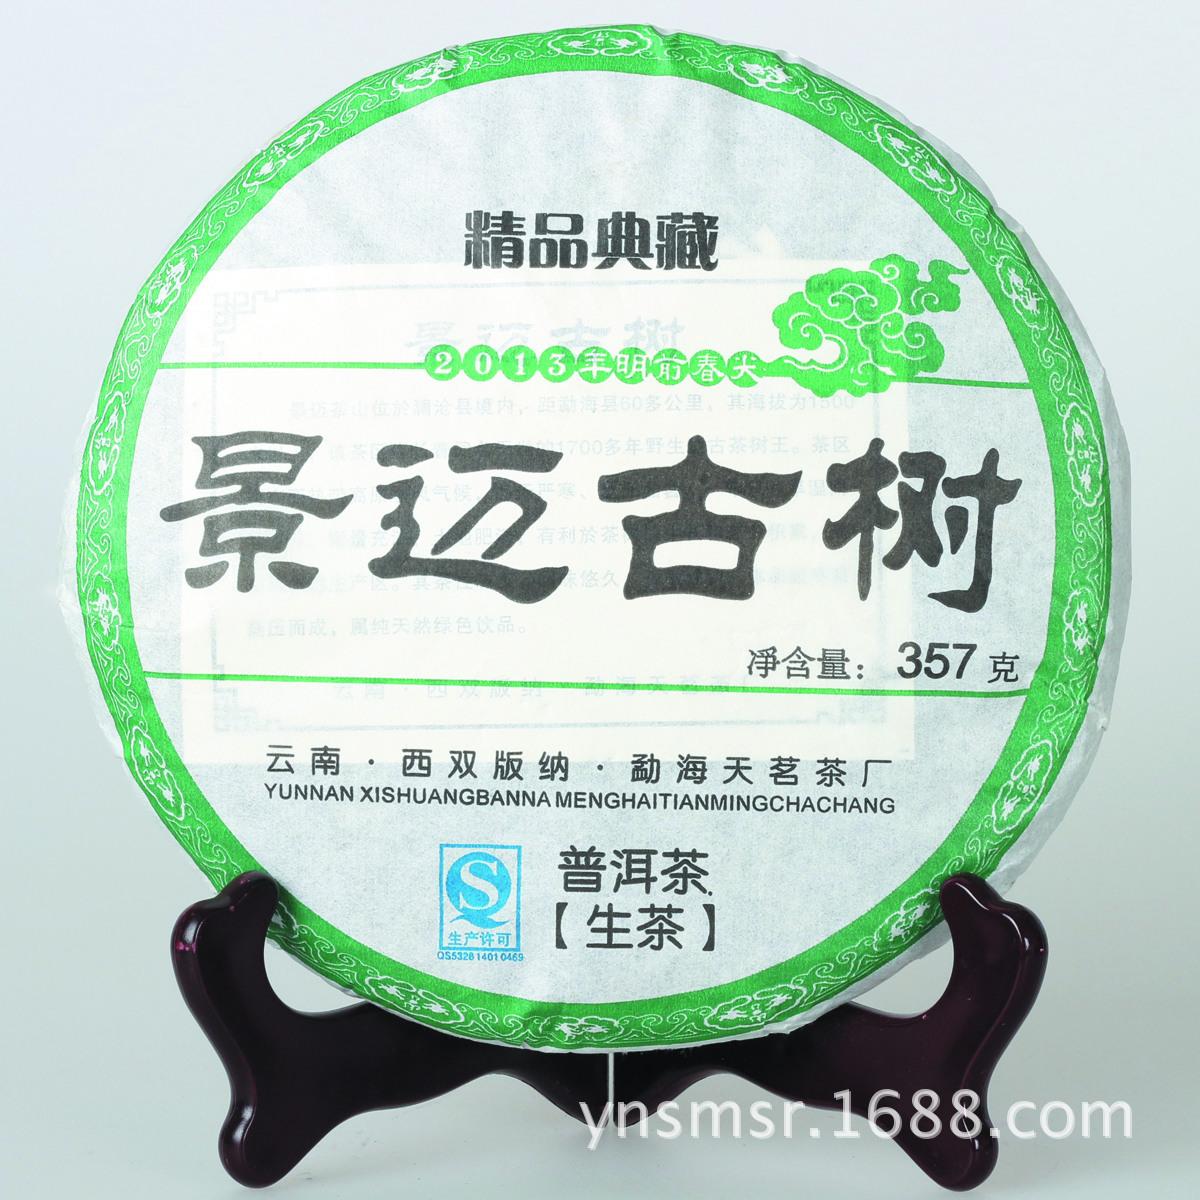 Pu er tea pure material tea trees 357 PU er tea health tea gift tea cake<br><br>Aliexpress